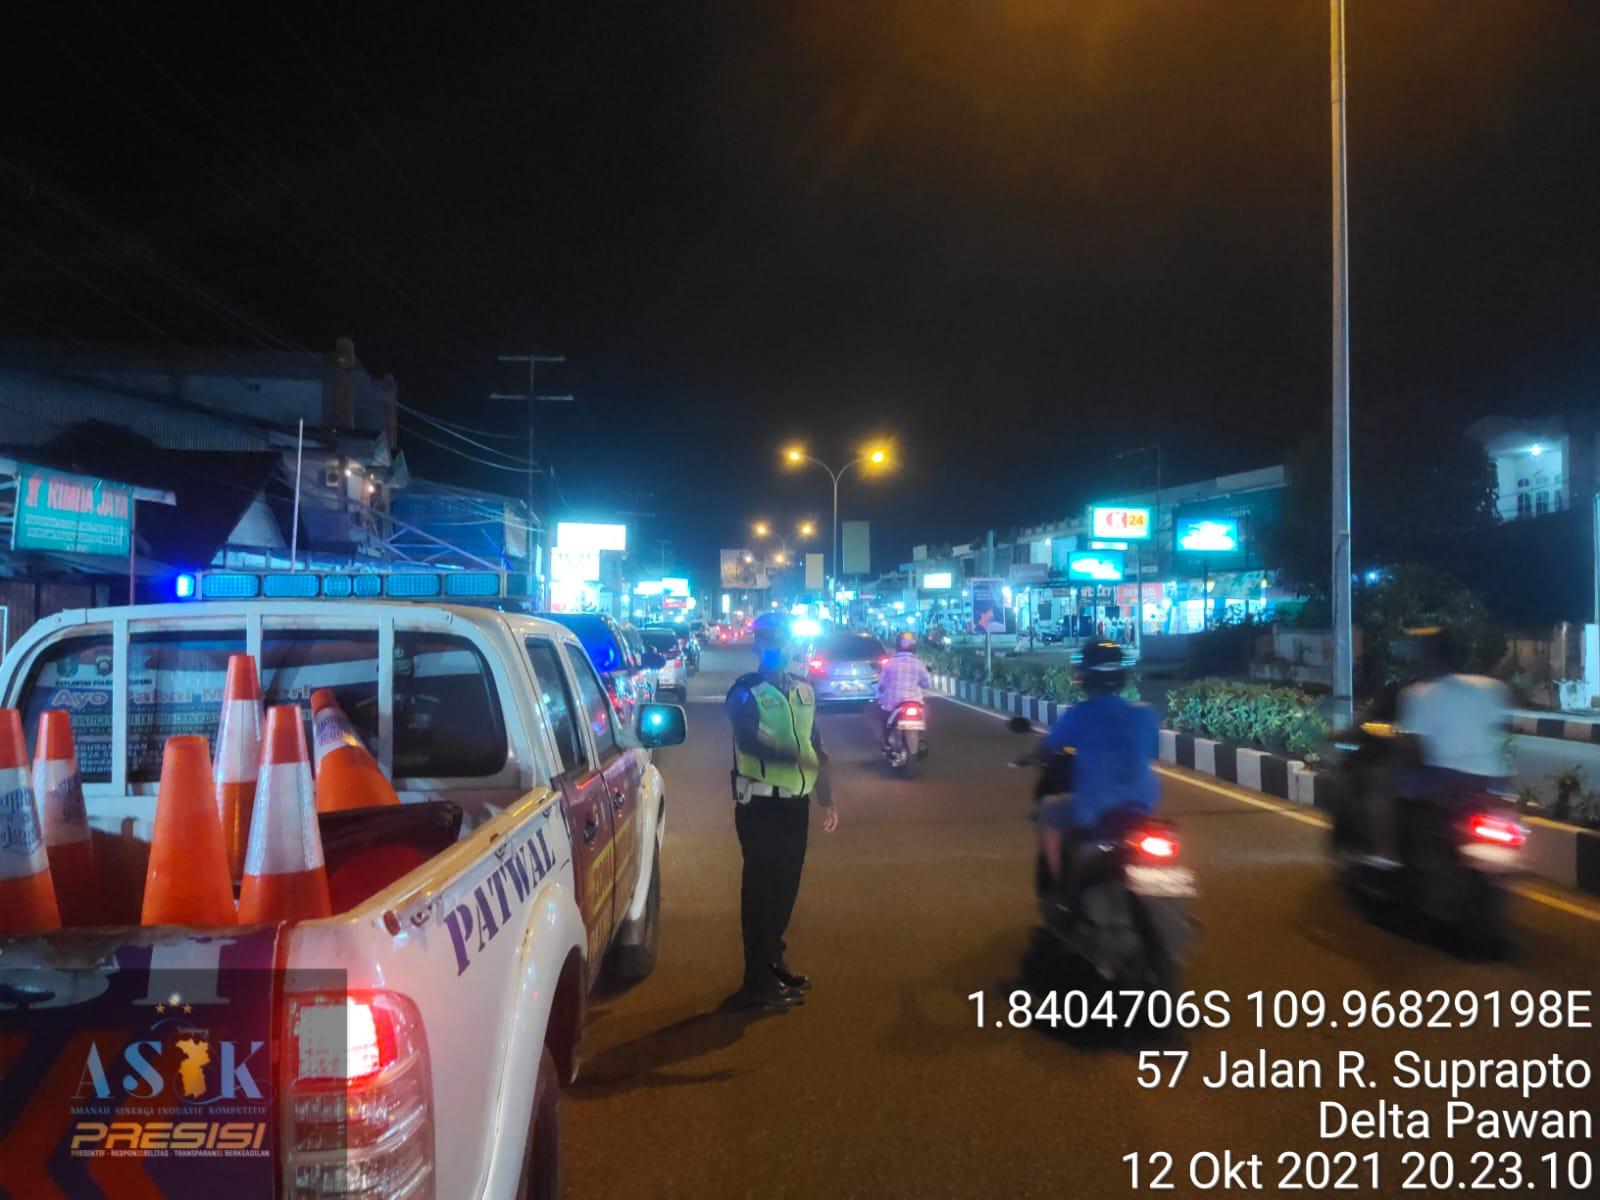 Satlantas polres ketapang unit turjawali giat melaksanakan patroli di malam hari